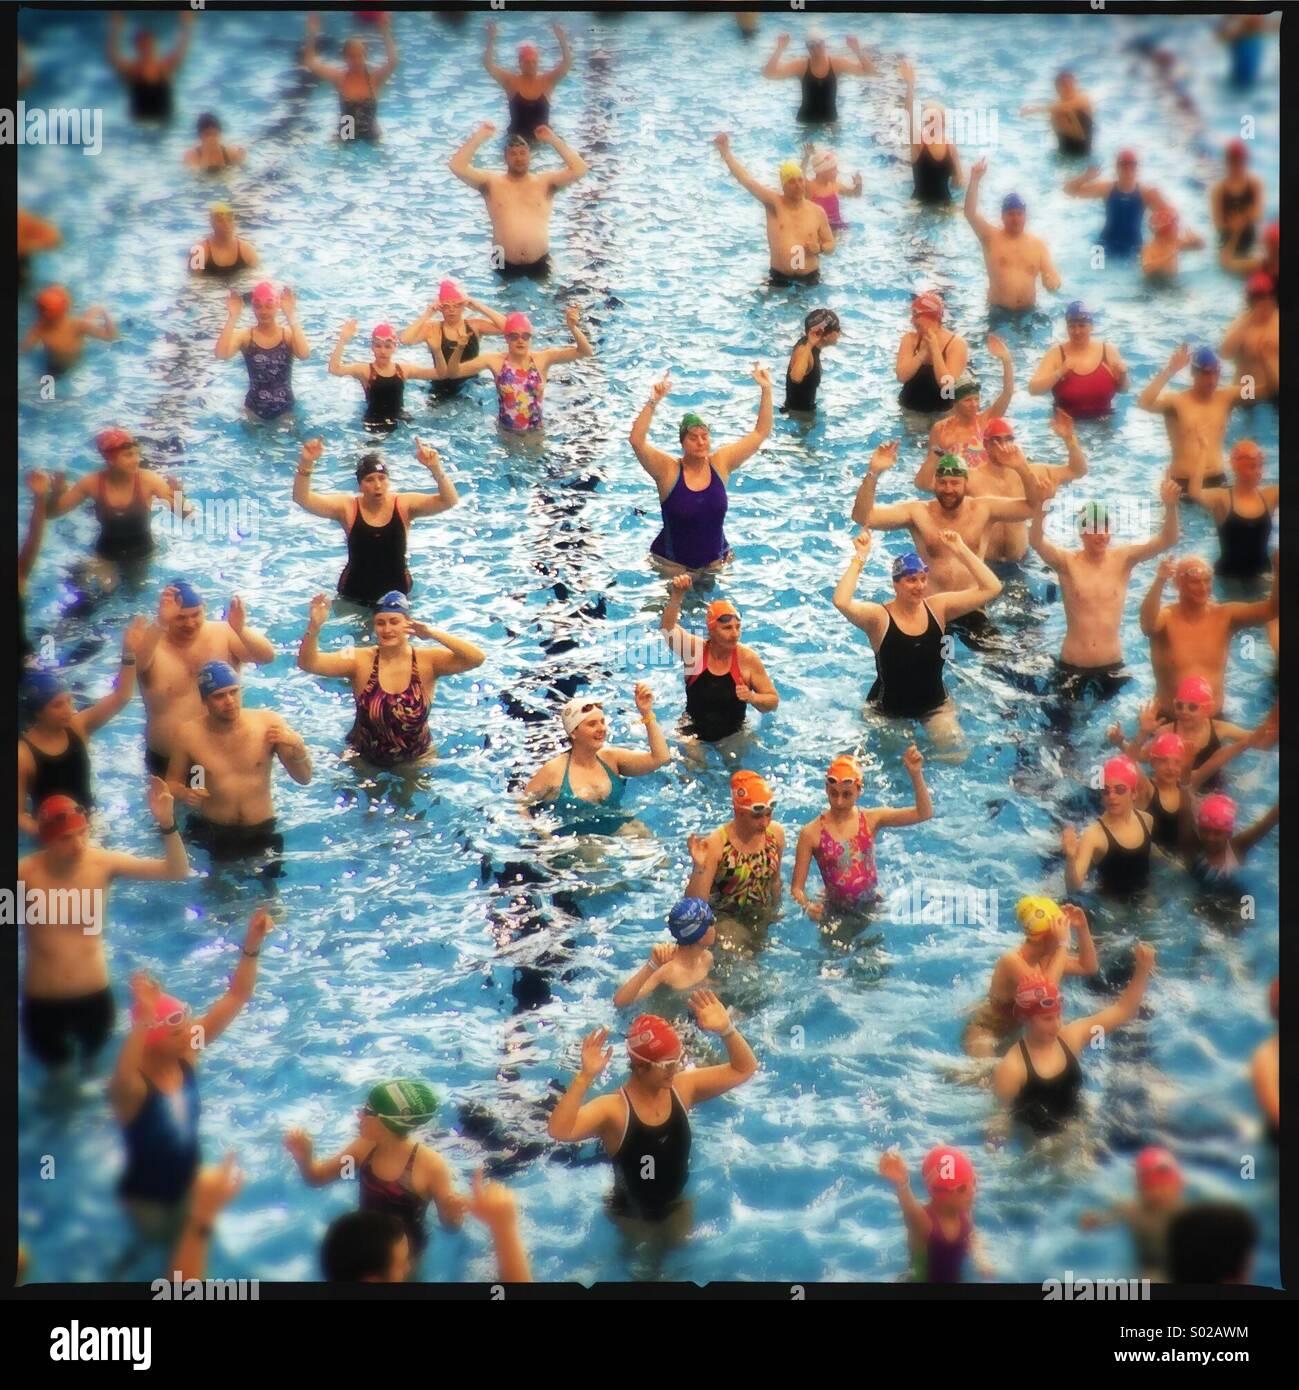 Sport Rilievo, il Centro Acquatico Nazionale, Stratford, Londra Immagini Stock